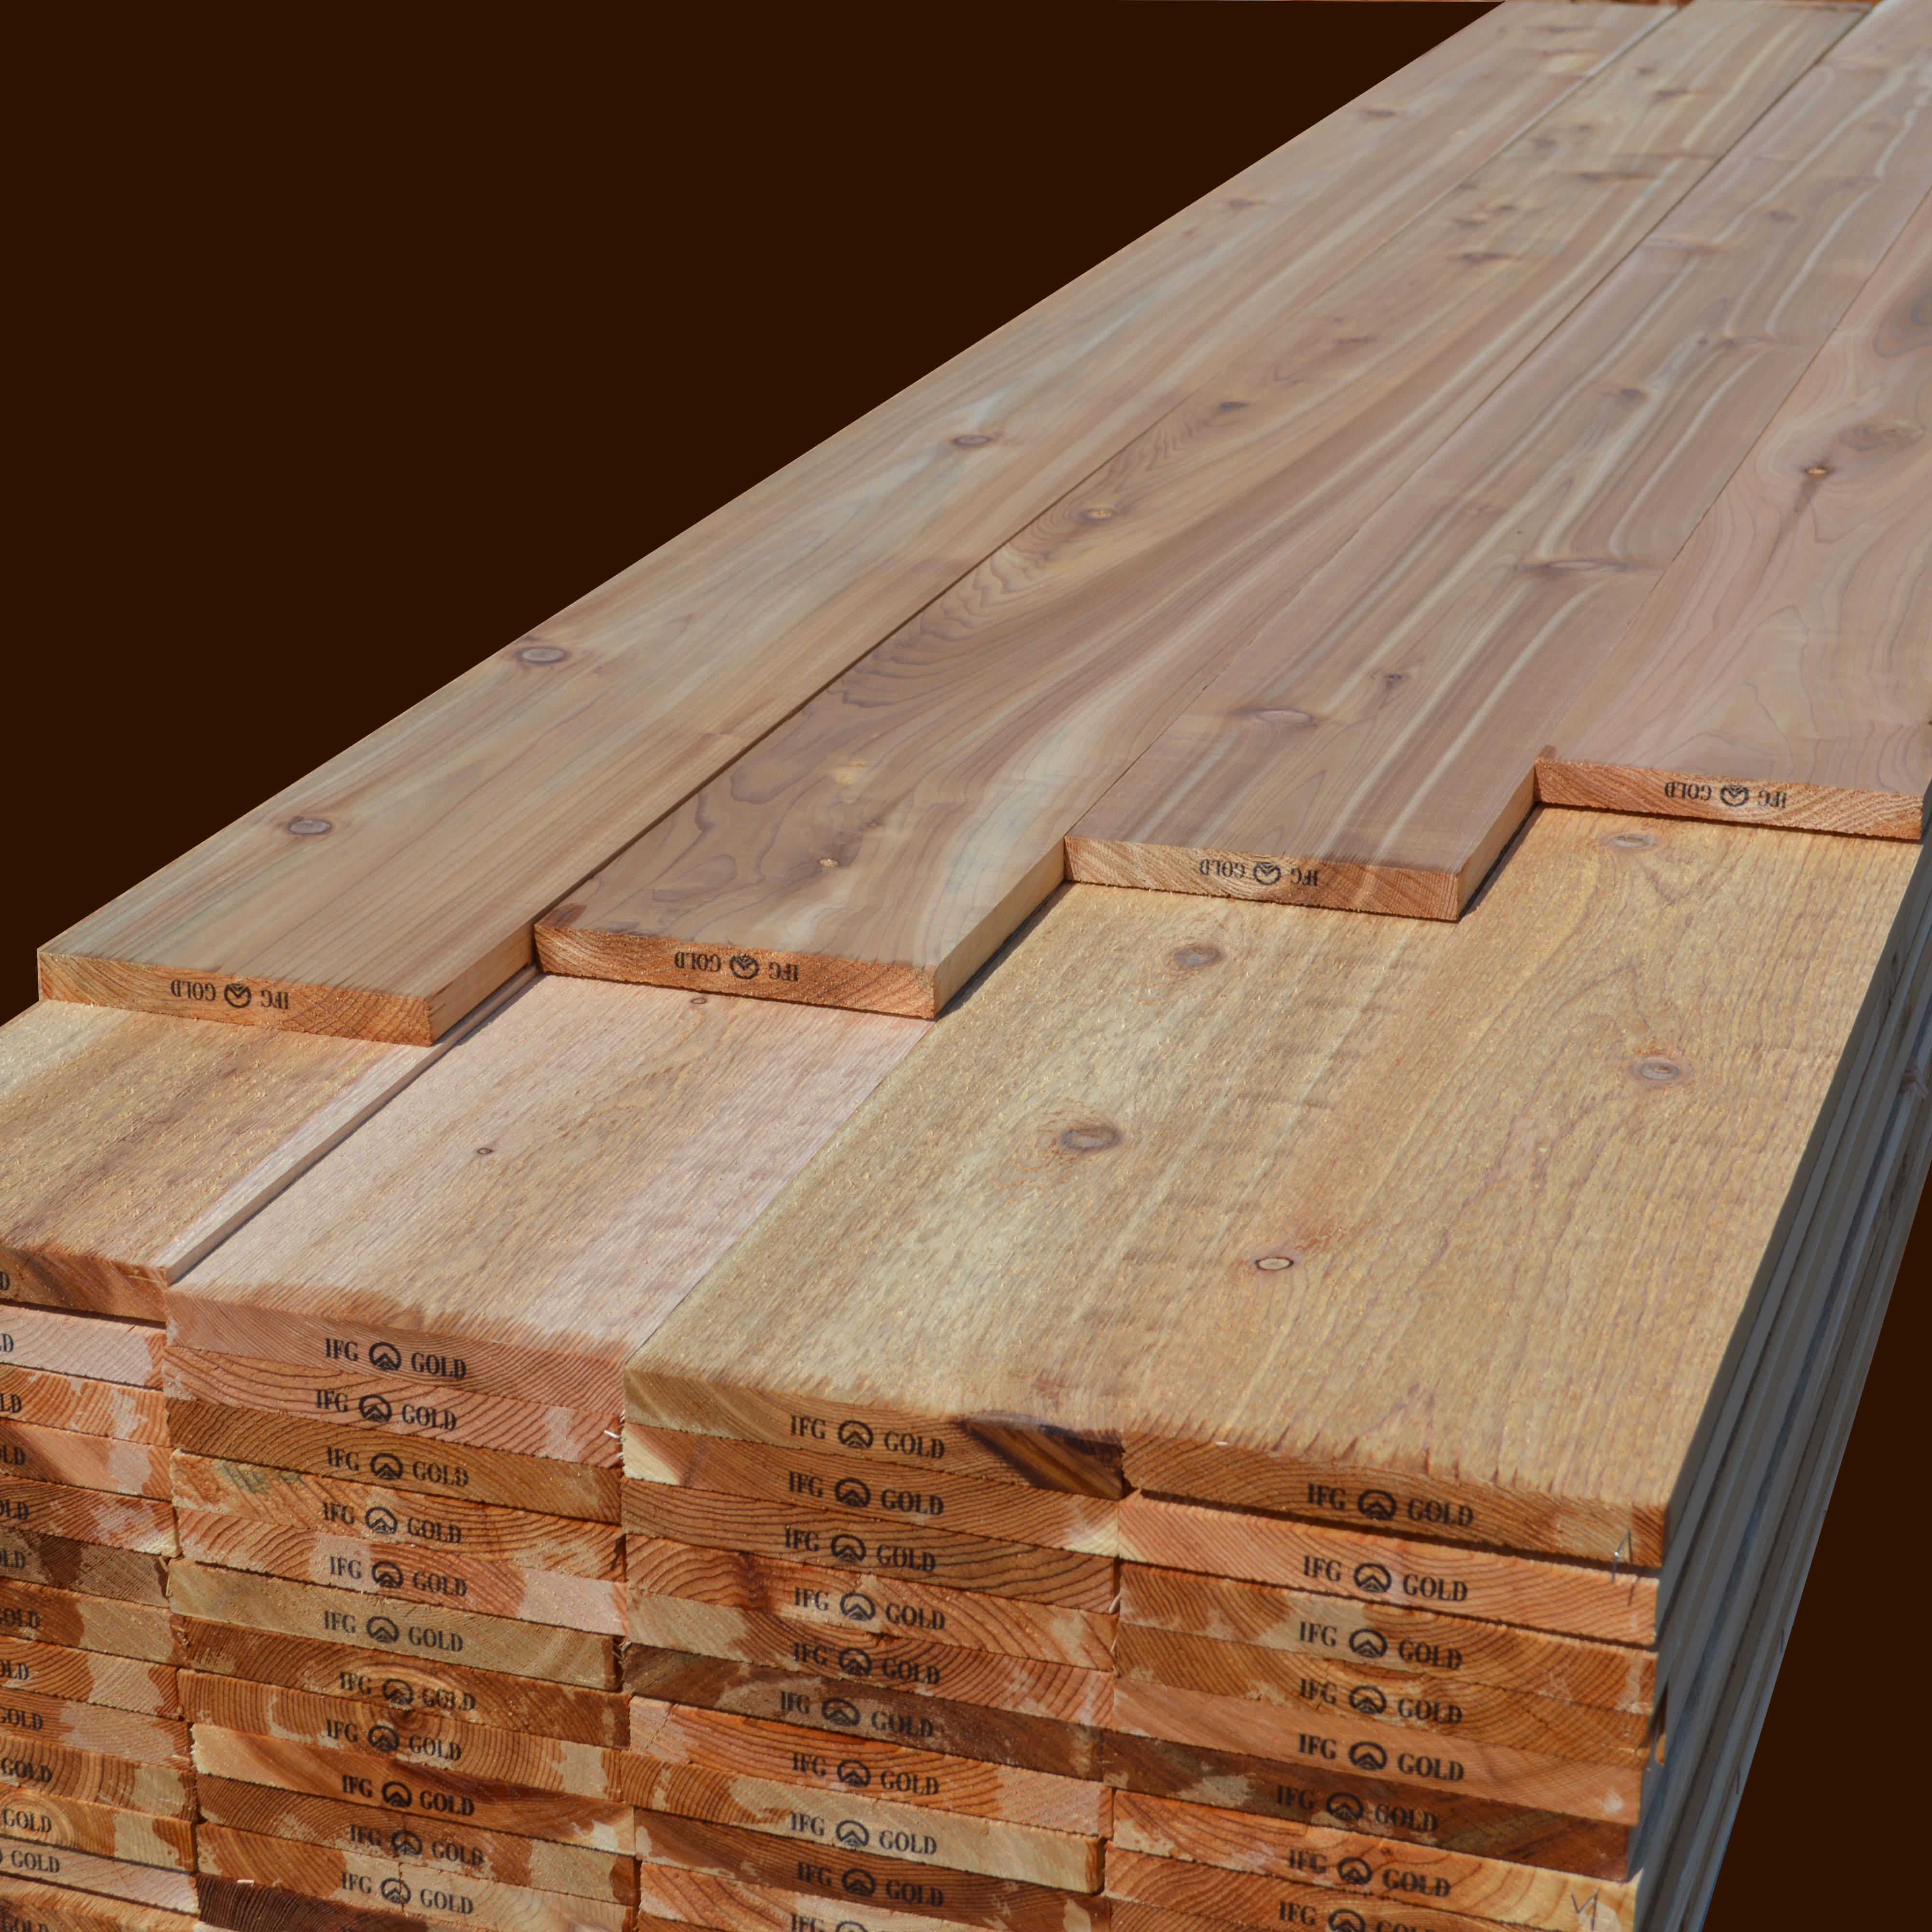 Western Red Cedar Boards